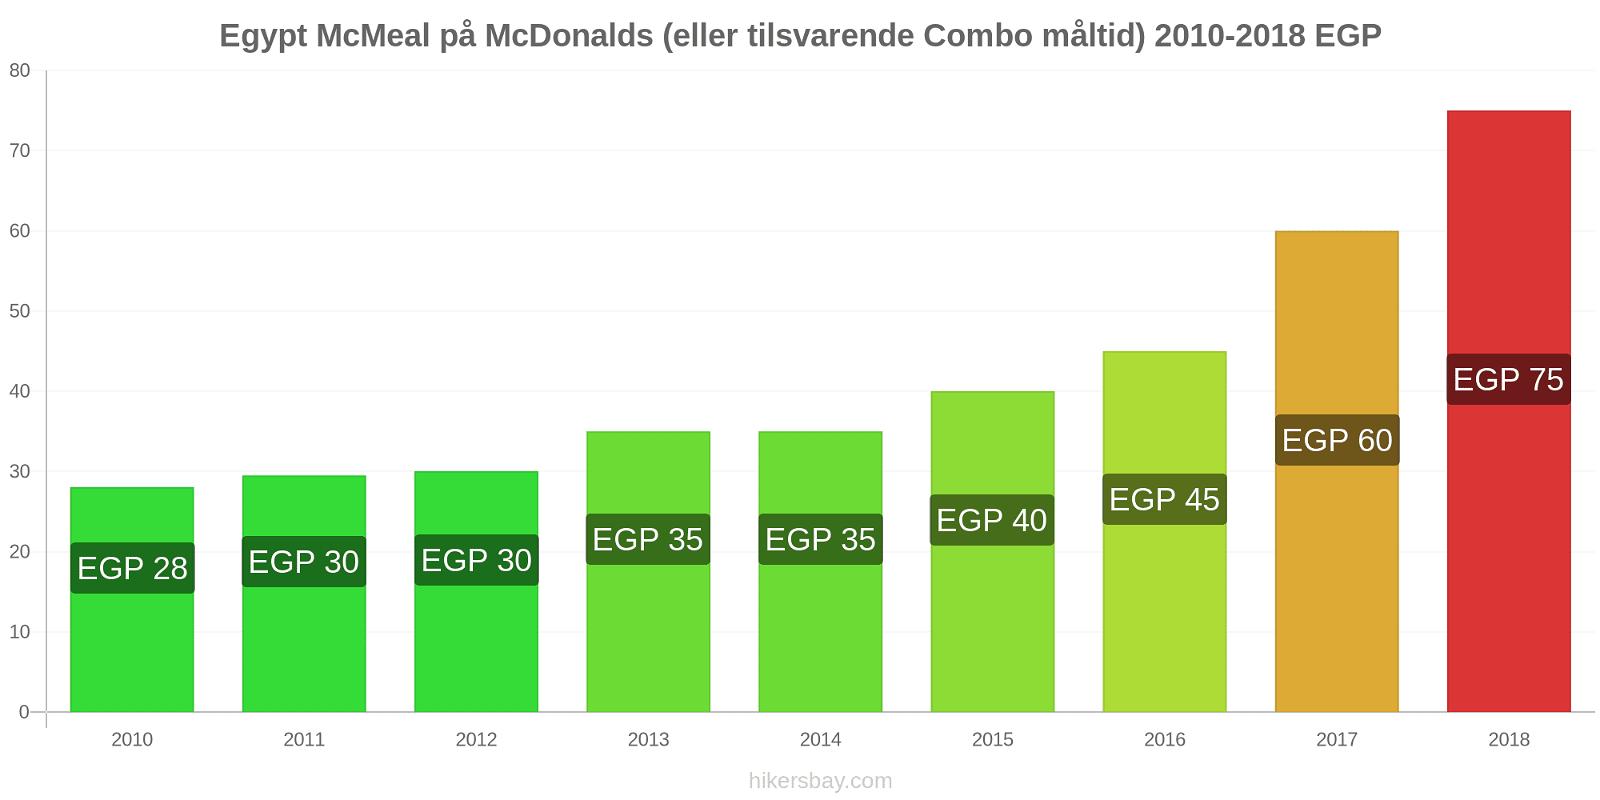 Egypt prisendringer McMeal på McDonalds (eller tilsvarende Combo måltid) hikersbay.com